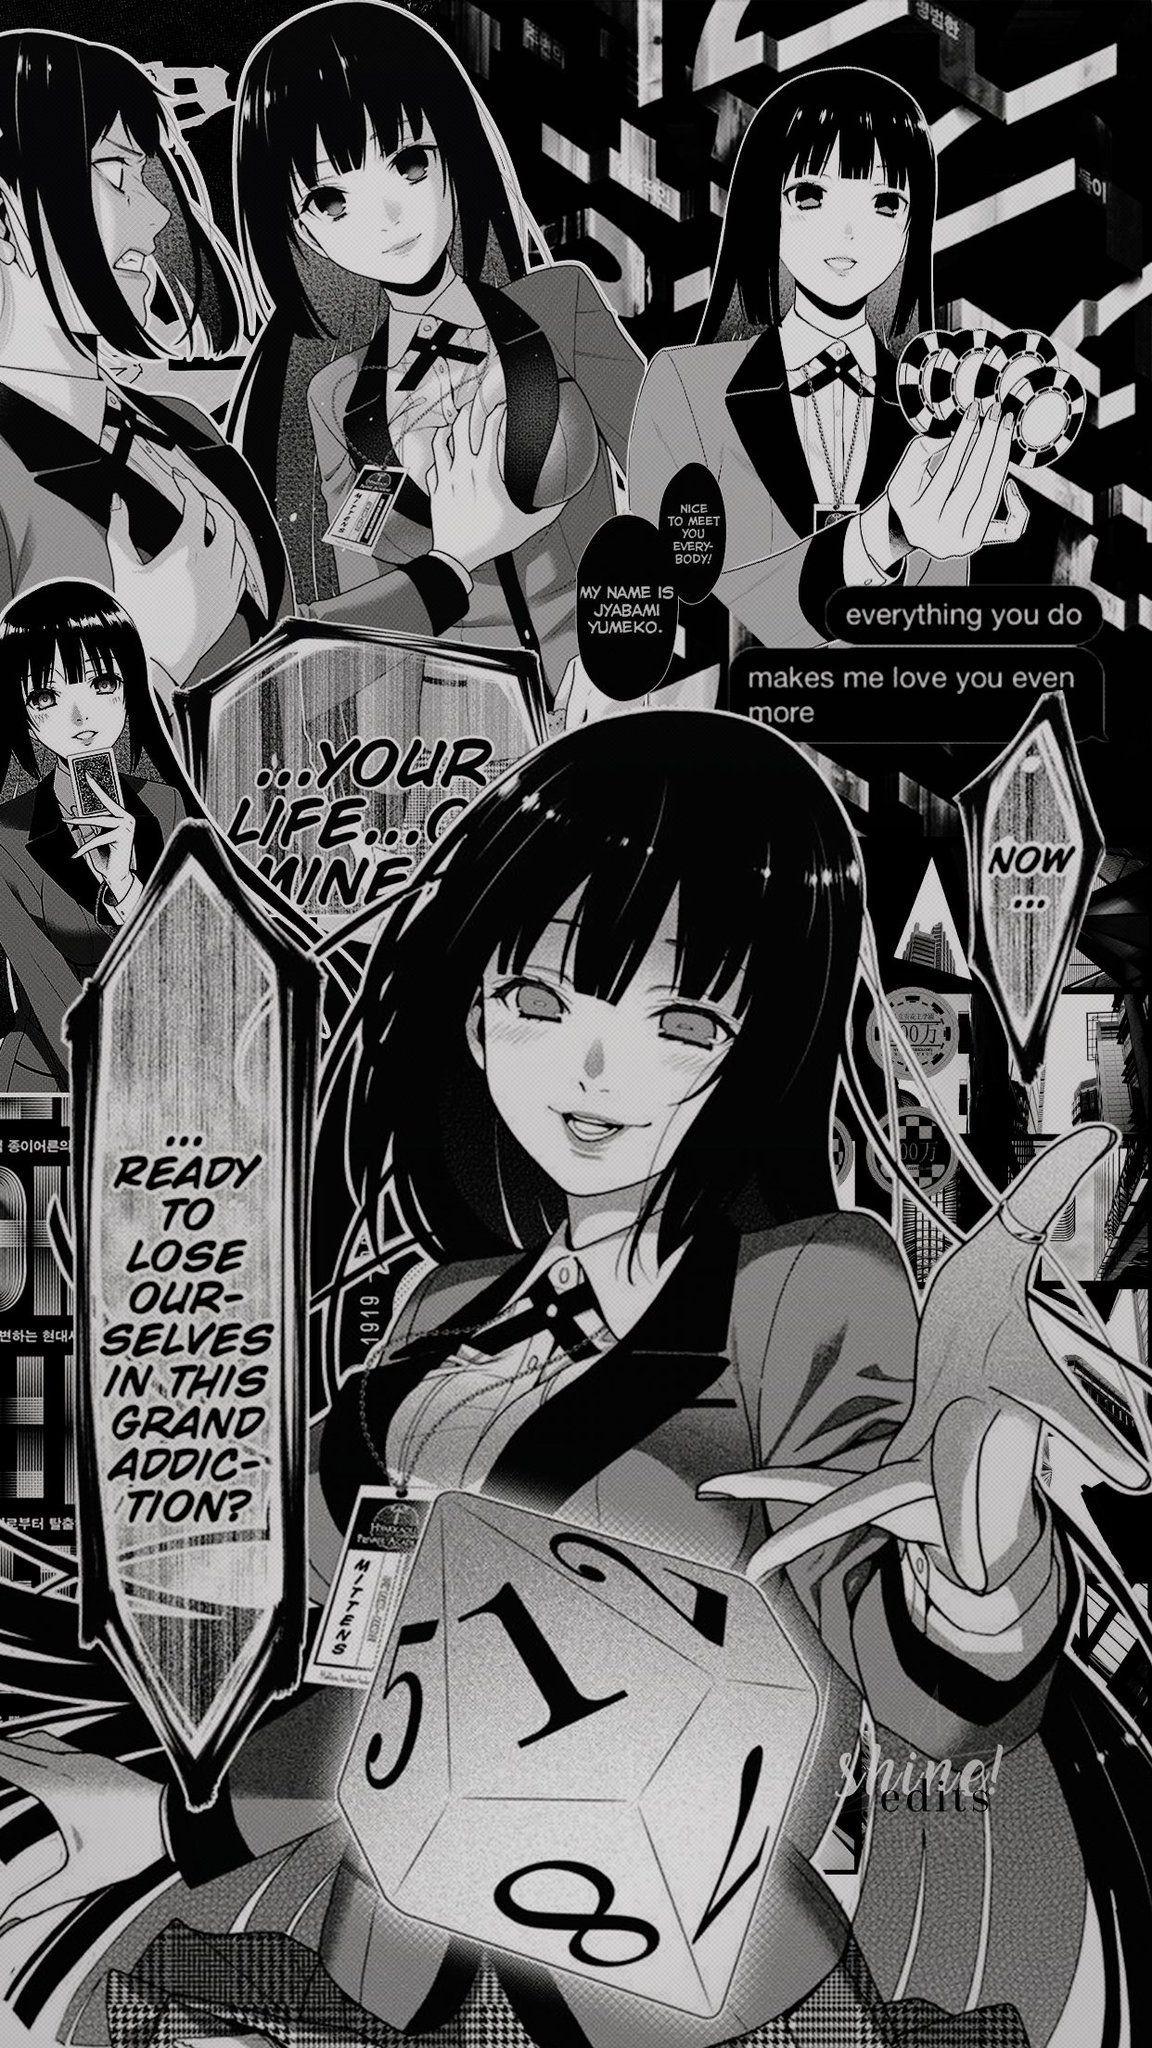 Jabami Yumeko Anime Wallpaper Anime Wallpaper Iphone Anime Art Cute anime manga wallpaper